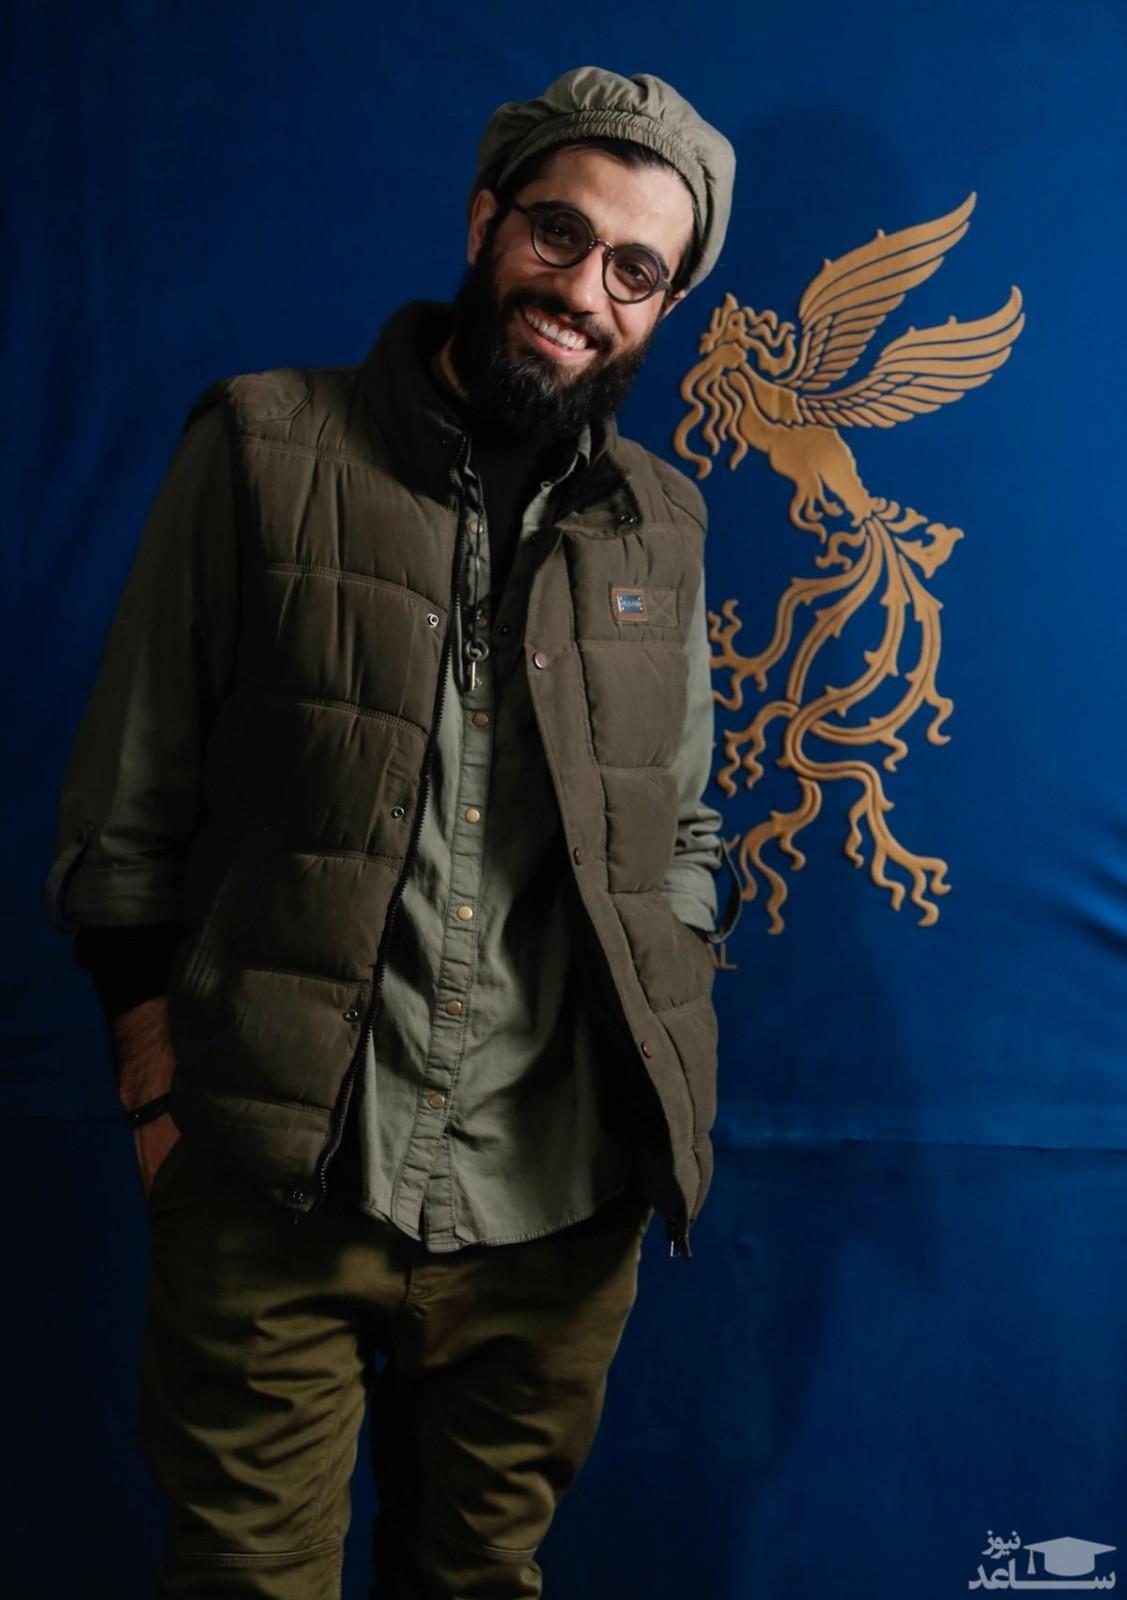 خواب خوش محمد کارت، کارگردان شنای پروانه